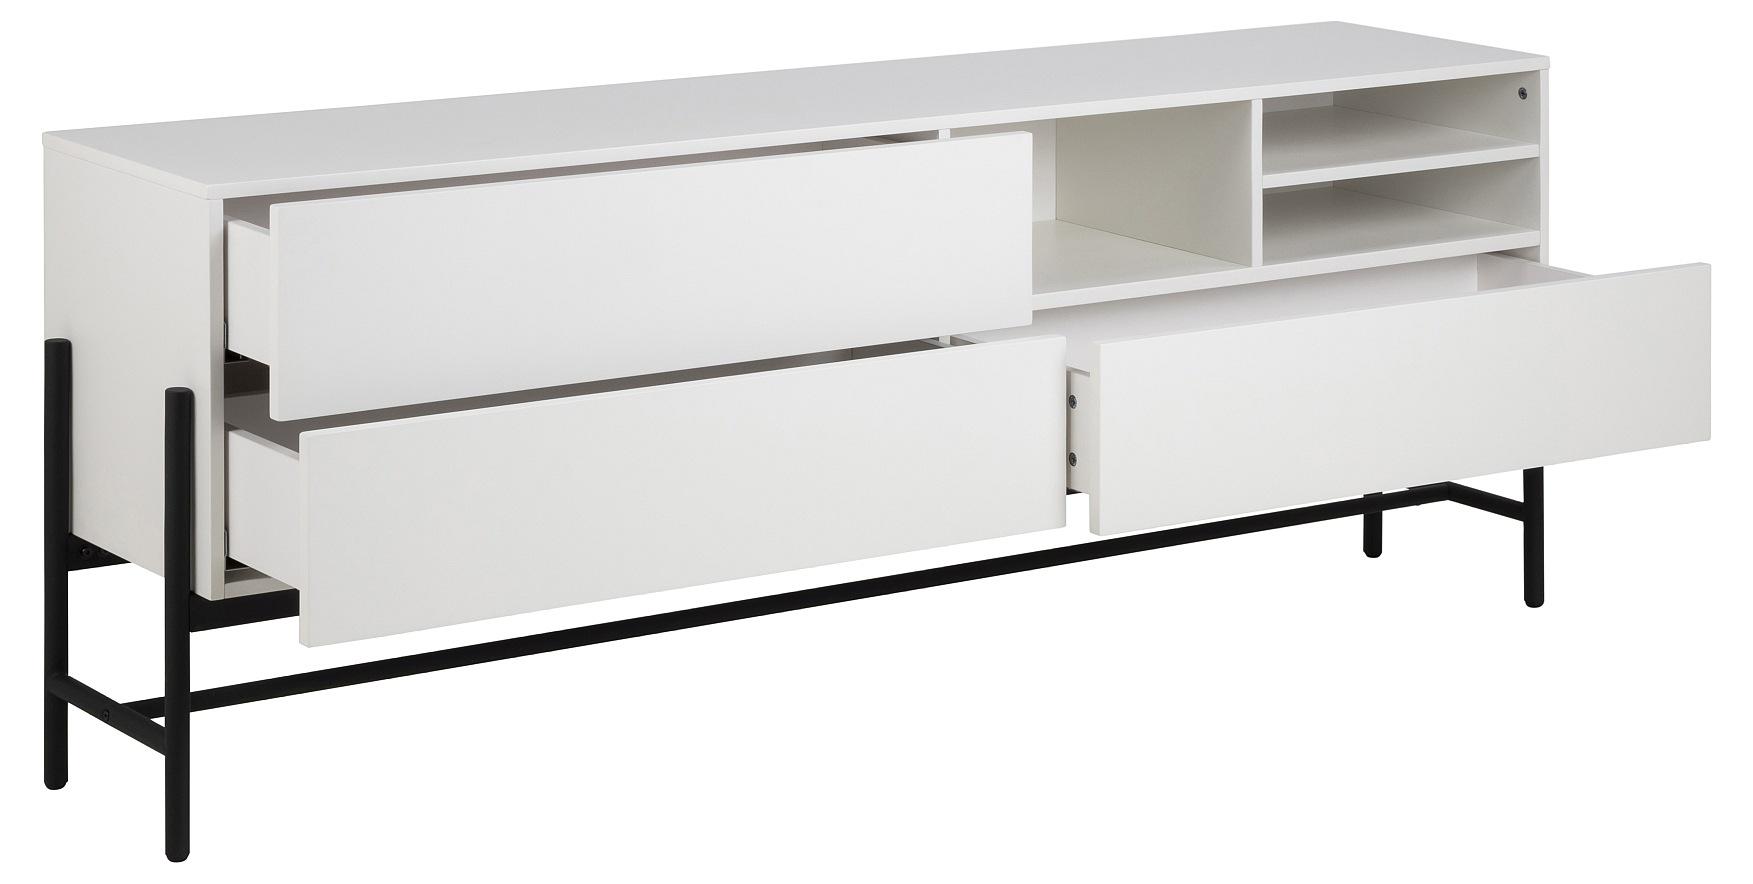 24Designs Norway Dressoir 3-Laden/3-Vaks - 185x42x70 - Wit